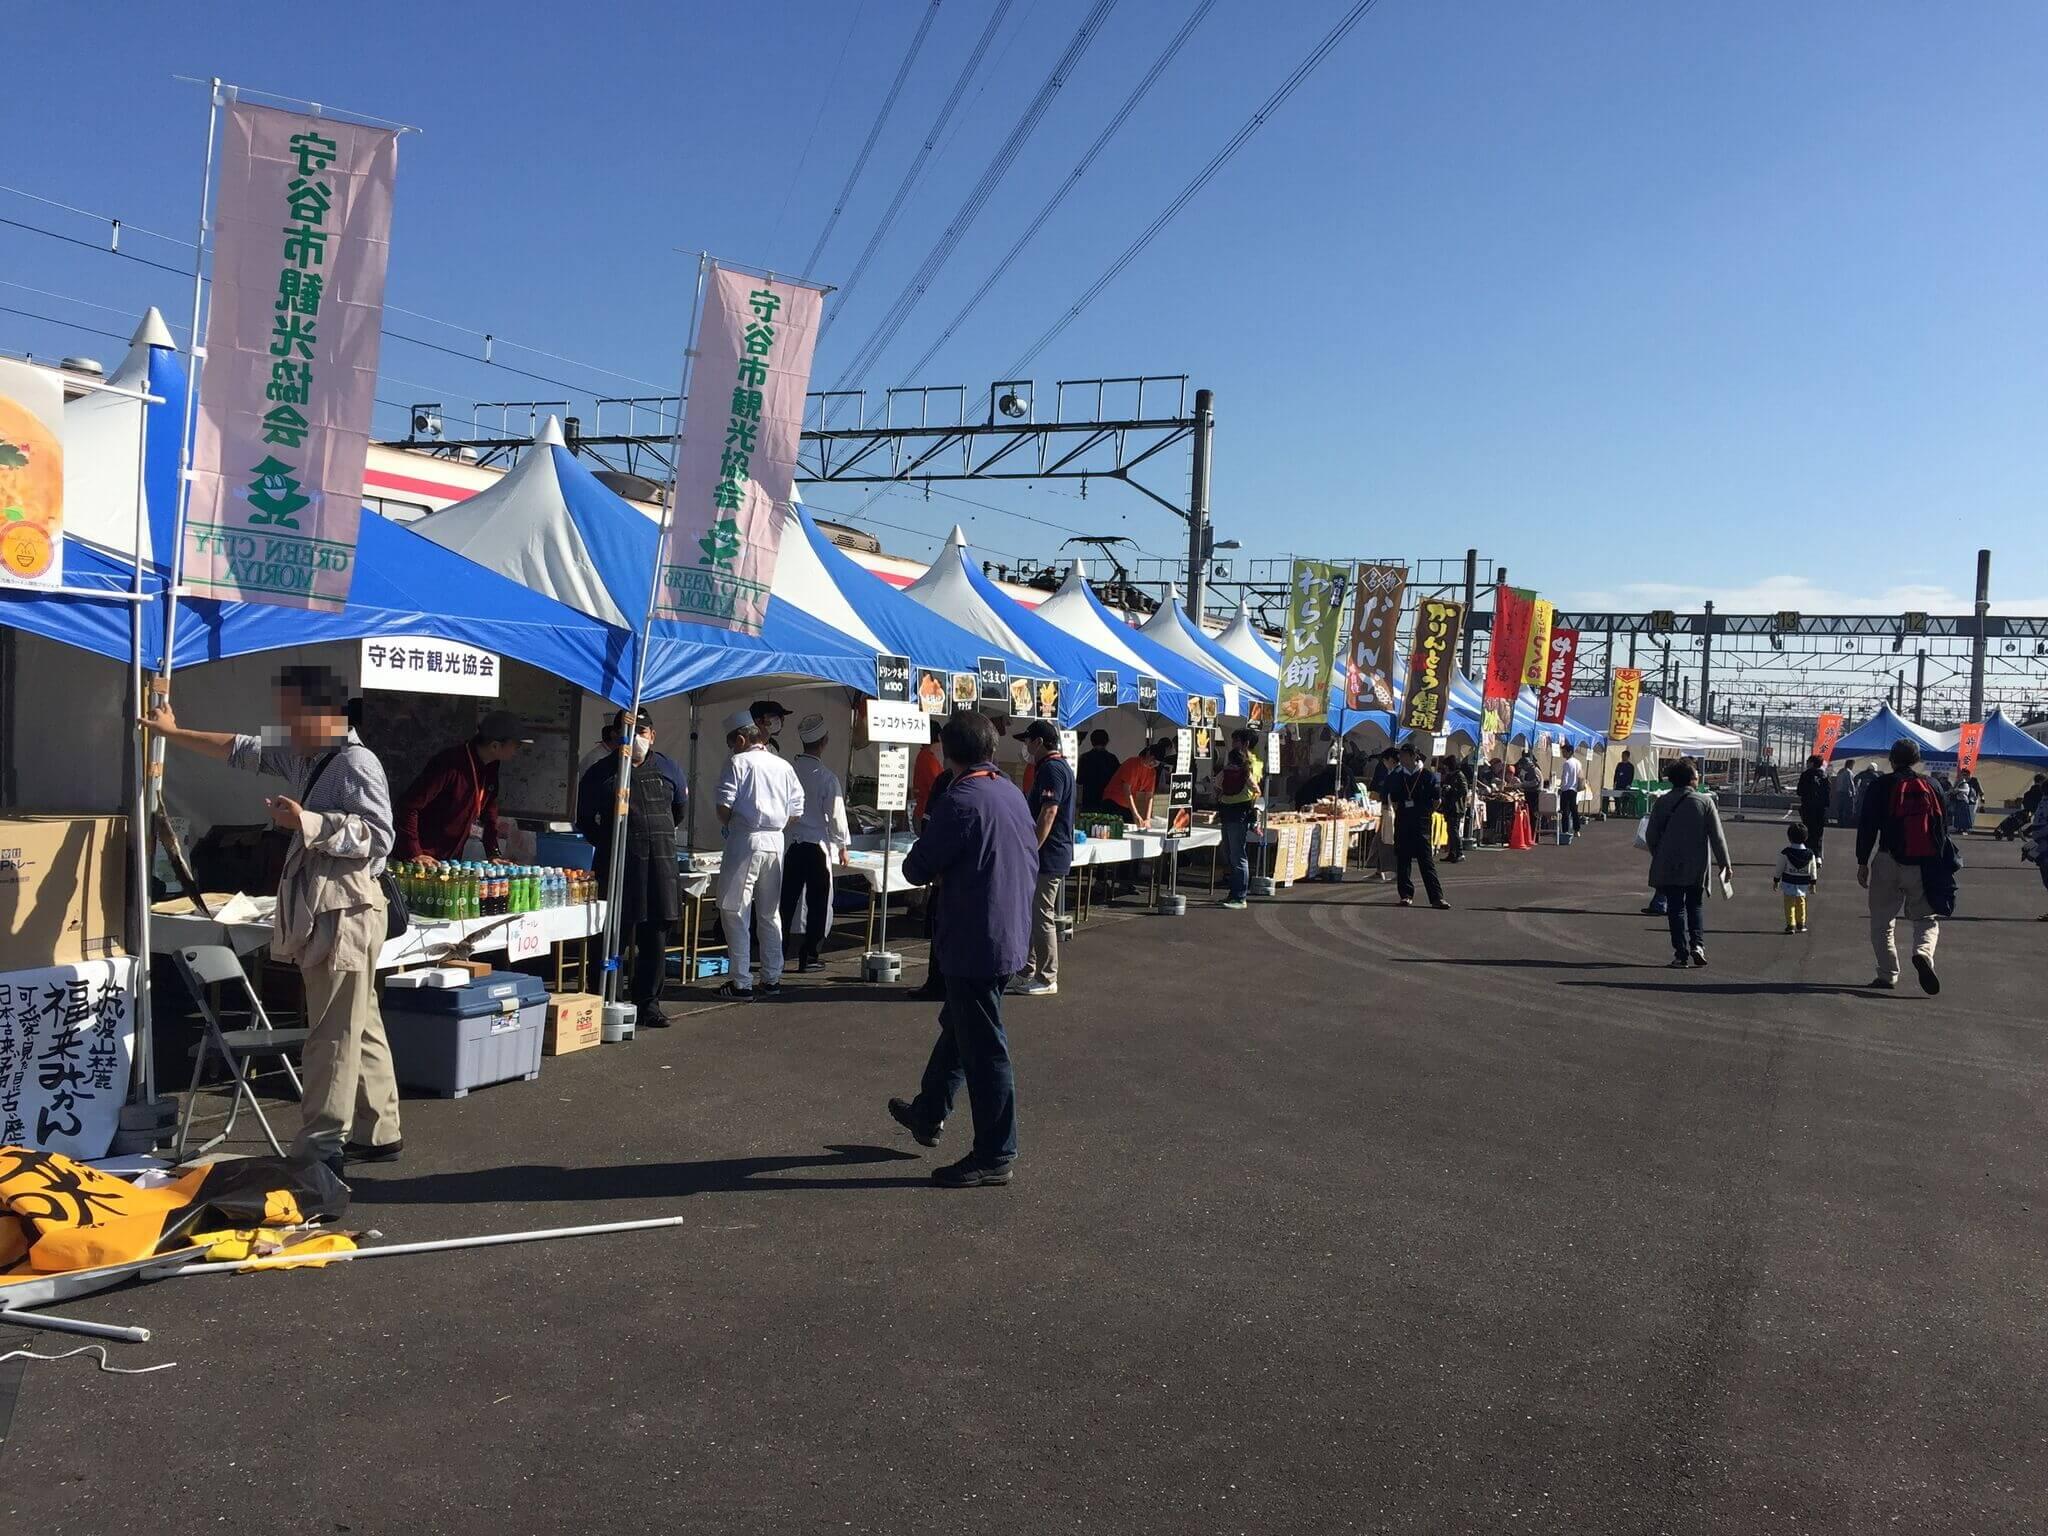 出店もたくさん!富士宮焼きそばや串焼き類、飲み物もたくさんありました。